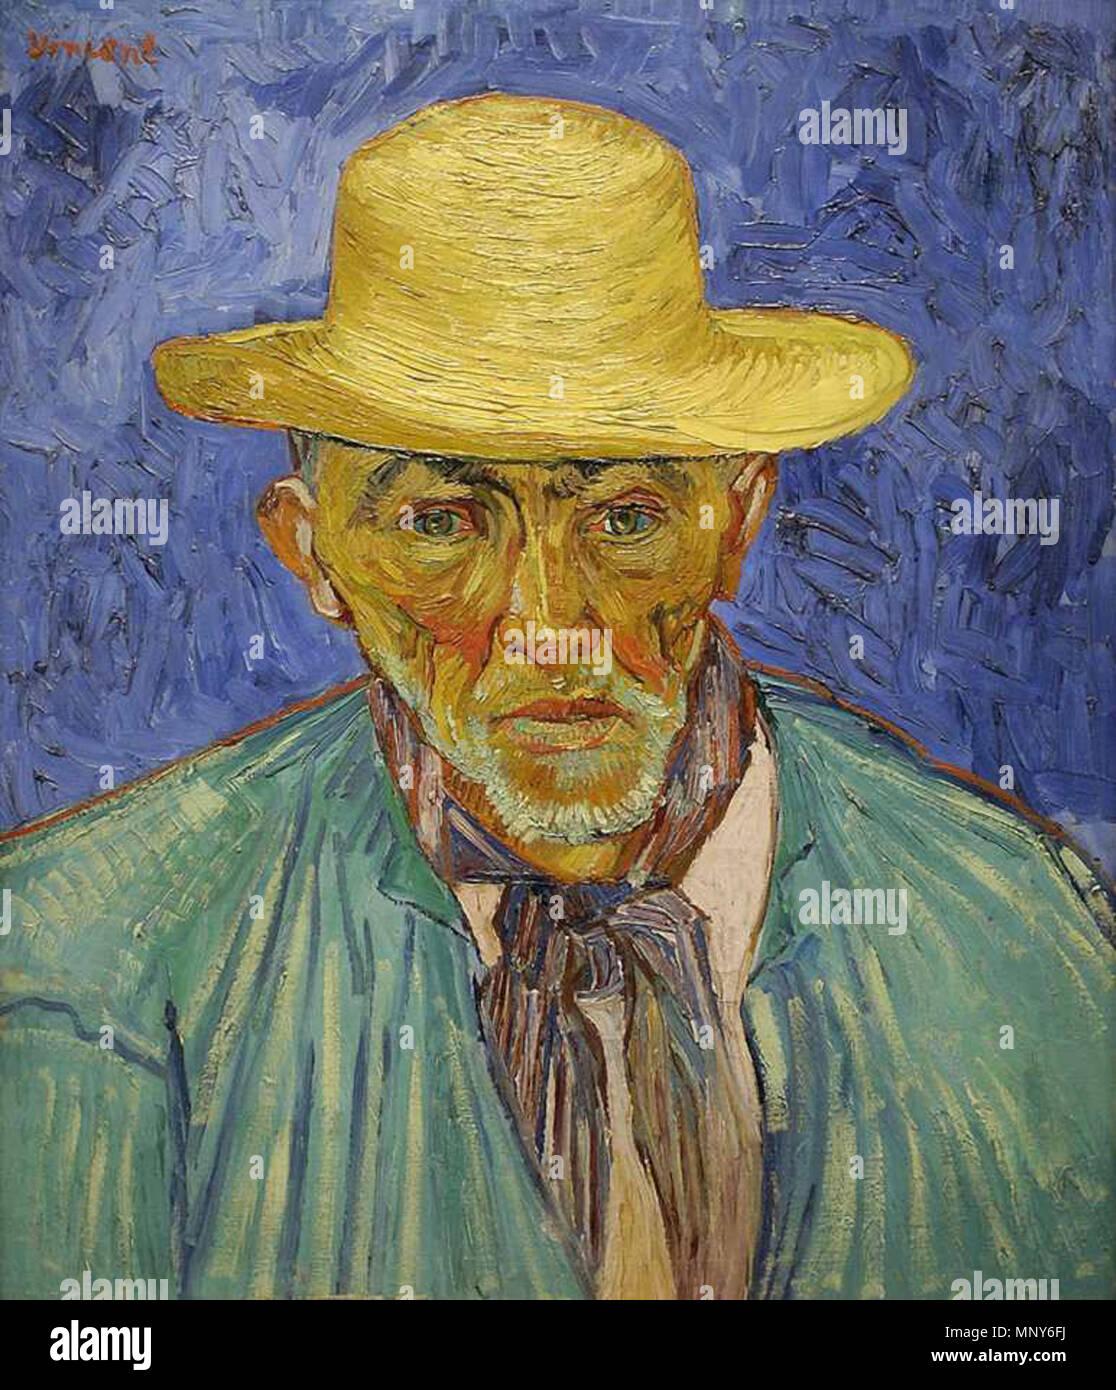 Ritratto di un contadino (pazienza Escalier) 1888. 1238 Vincent van Gogh Ritratto di un contadino Foto Stock